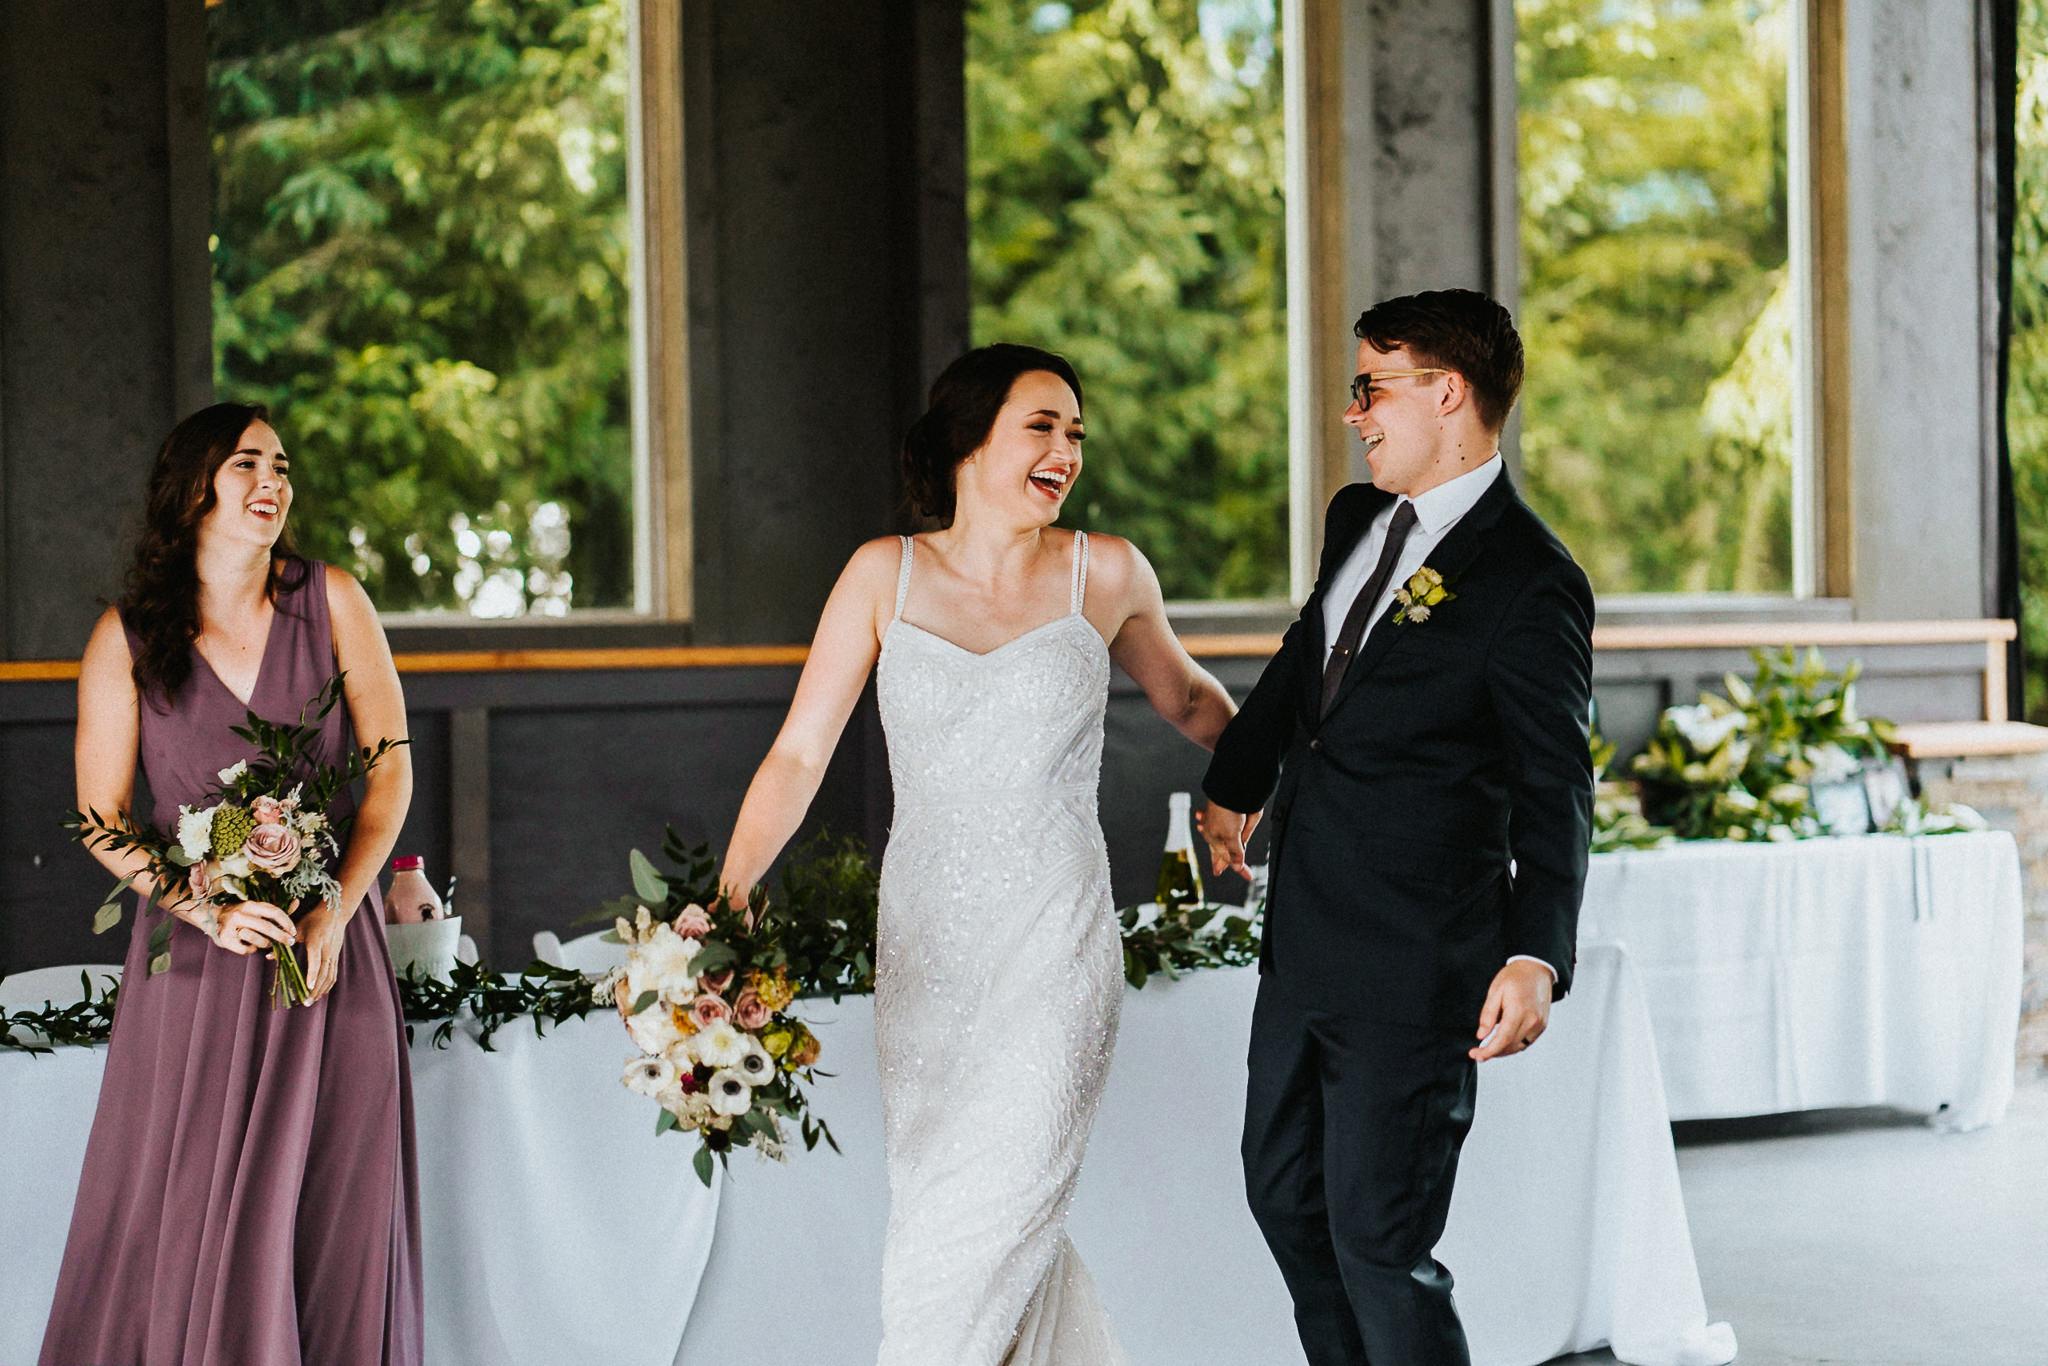 Happy Bride Groom Candid Grand Entrance Wedding Reception